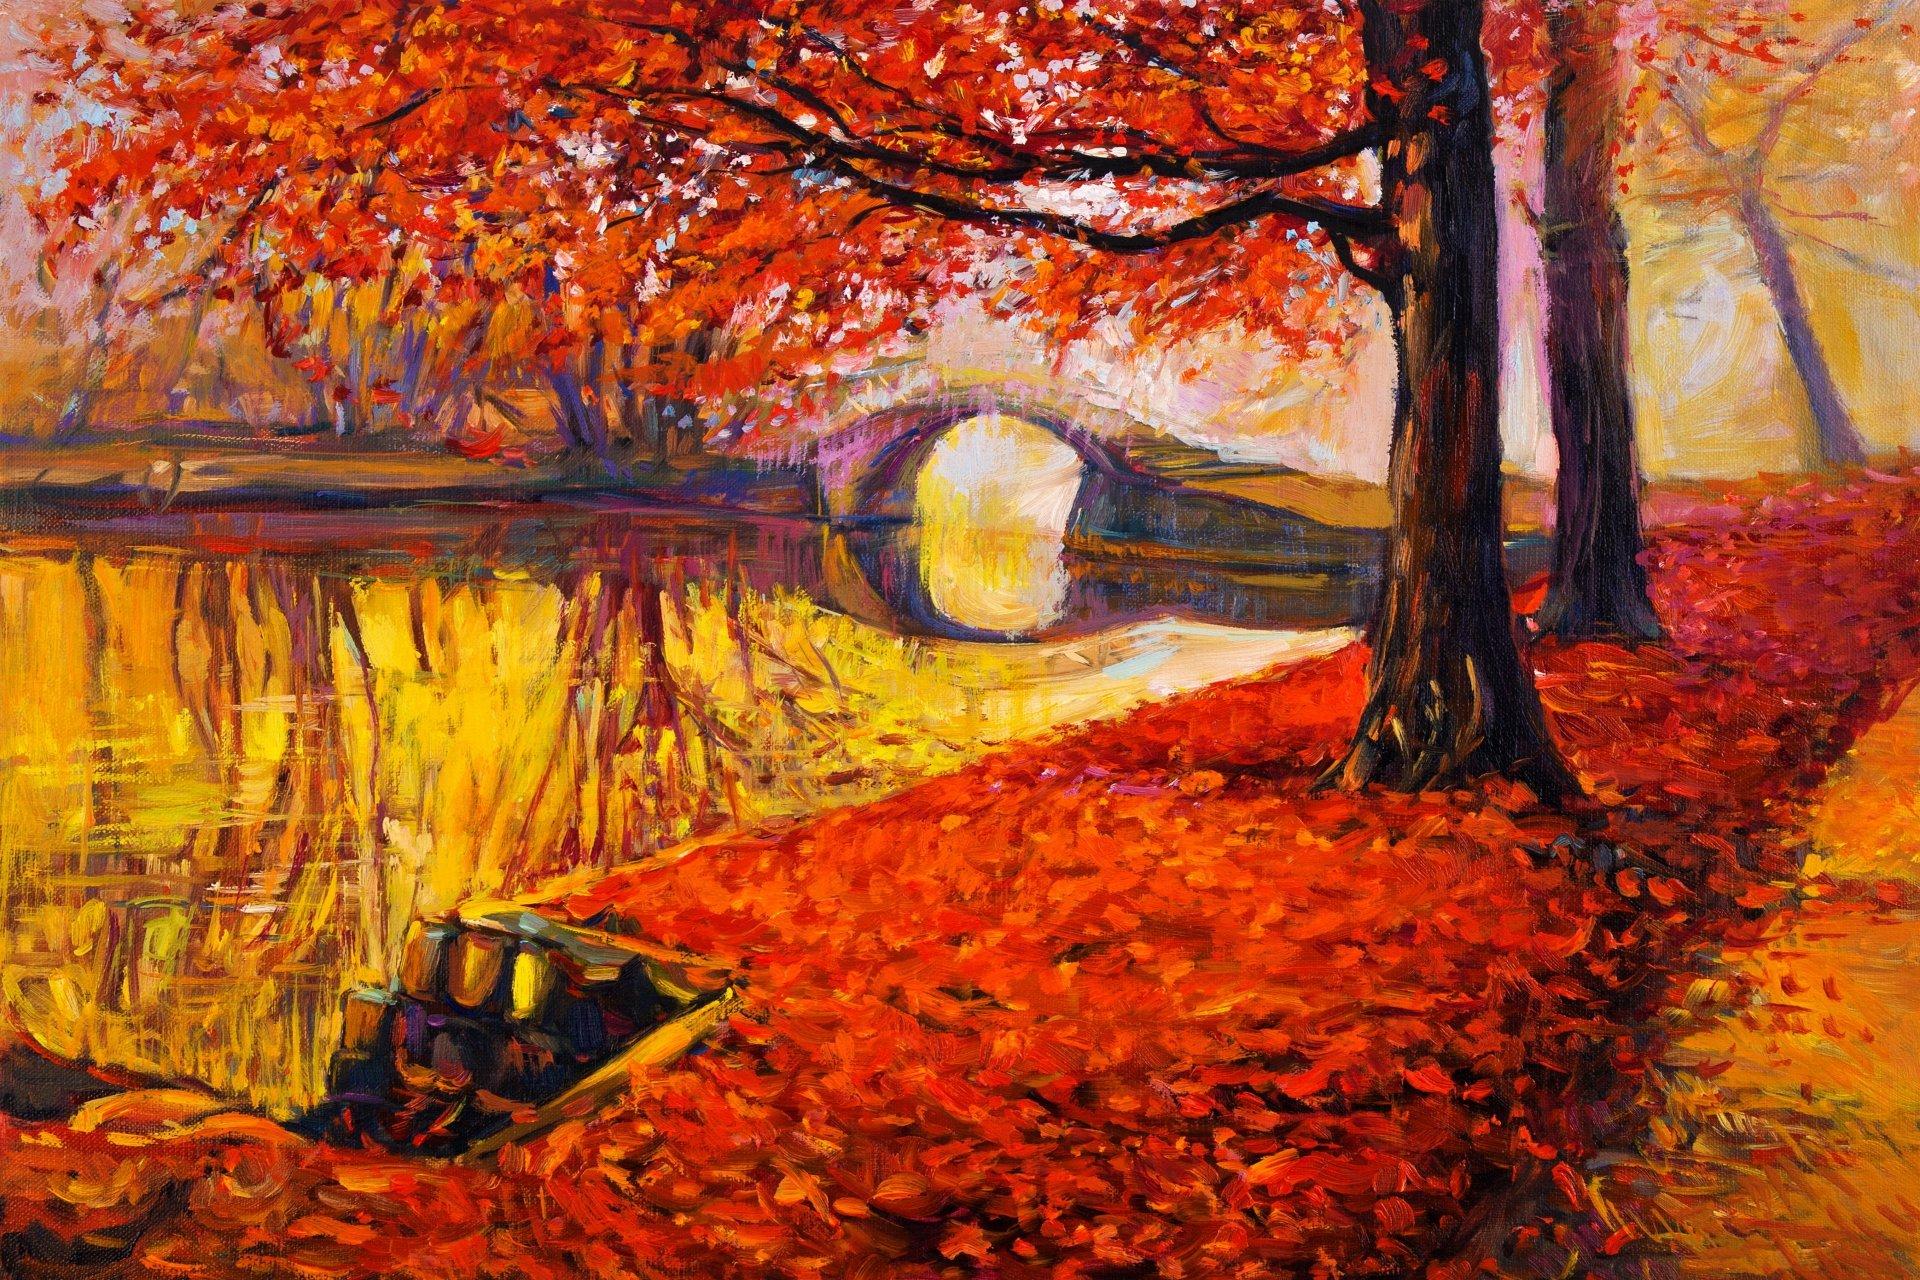 1920x1280 Painting Landscape Autumn Oil Watercolor Pattern Paint Hd Wallpaper